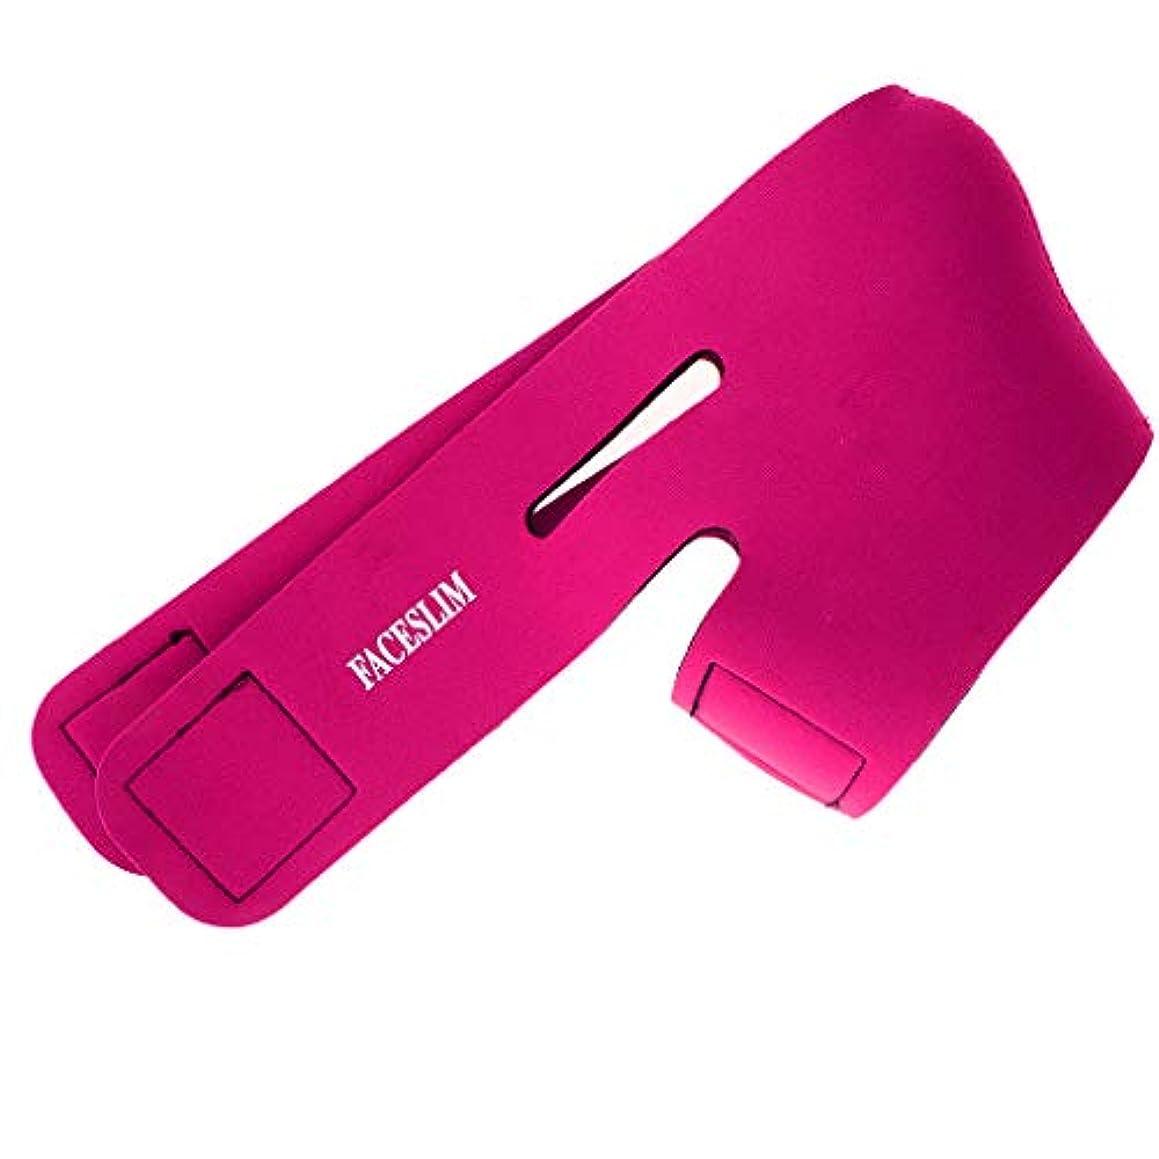 Fenteer フェイス マスク ベルト リフトアップ 小顔サポーター 小顔ベルト 調節可能 通気 快適 全2色 - ローズレッド